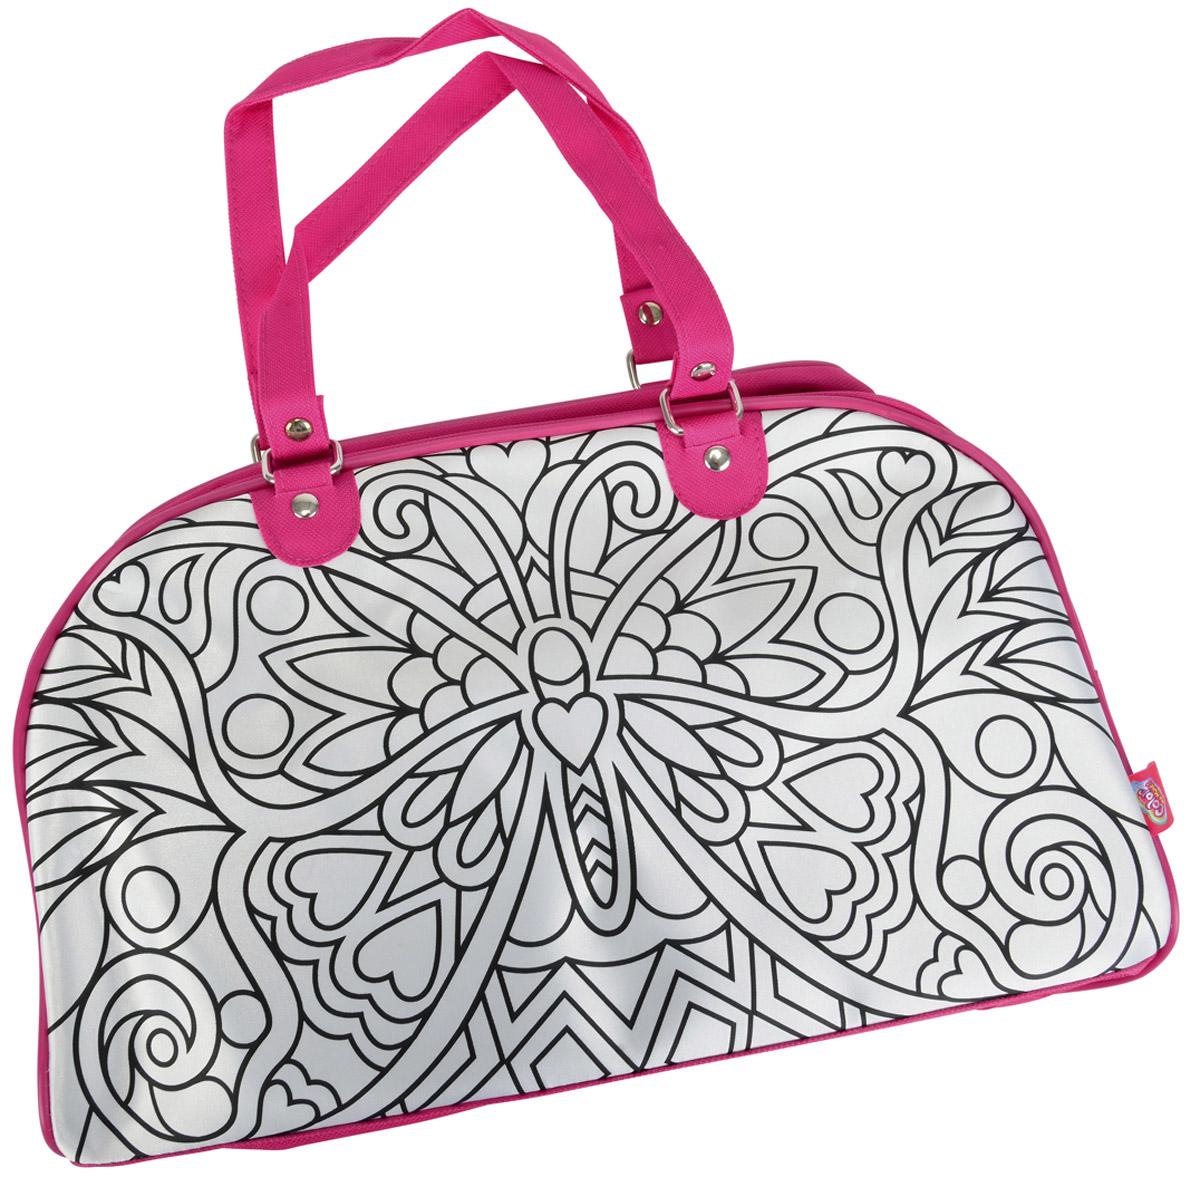 Simba Сумка детская Weekend6371461Замечательная и необычная сумочка Simba Weekend станет чудесным творческим подарком для вашей девочки. Изначально на стороны сумочки нанесен черно-белый контур нарисованной бабочки. В наборе с сумочкой прилагаются 5 перманентных водостойких маркеров, которыми ваша малышка может раскрасить свою сумочку так, как захочет, дав волю своей фантазии и творческому порыву. Один из маркеров отличается от остальных - рисунок, нанесенный им способен менять свой цвет в зависимости от освещения! Сумка не предназначена для стирки. Для очистки используйте влажную ткань и мягкое мыло. Данный набор ориентирован на развитие у детей творческих навыков и придания им индивидуальности.